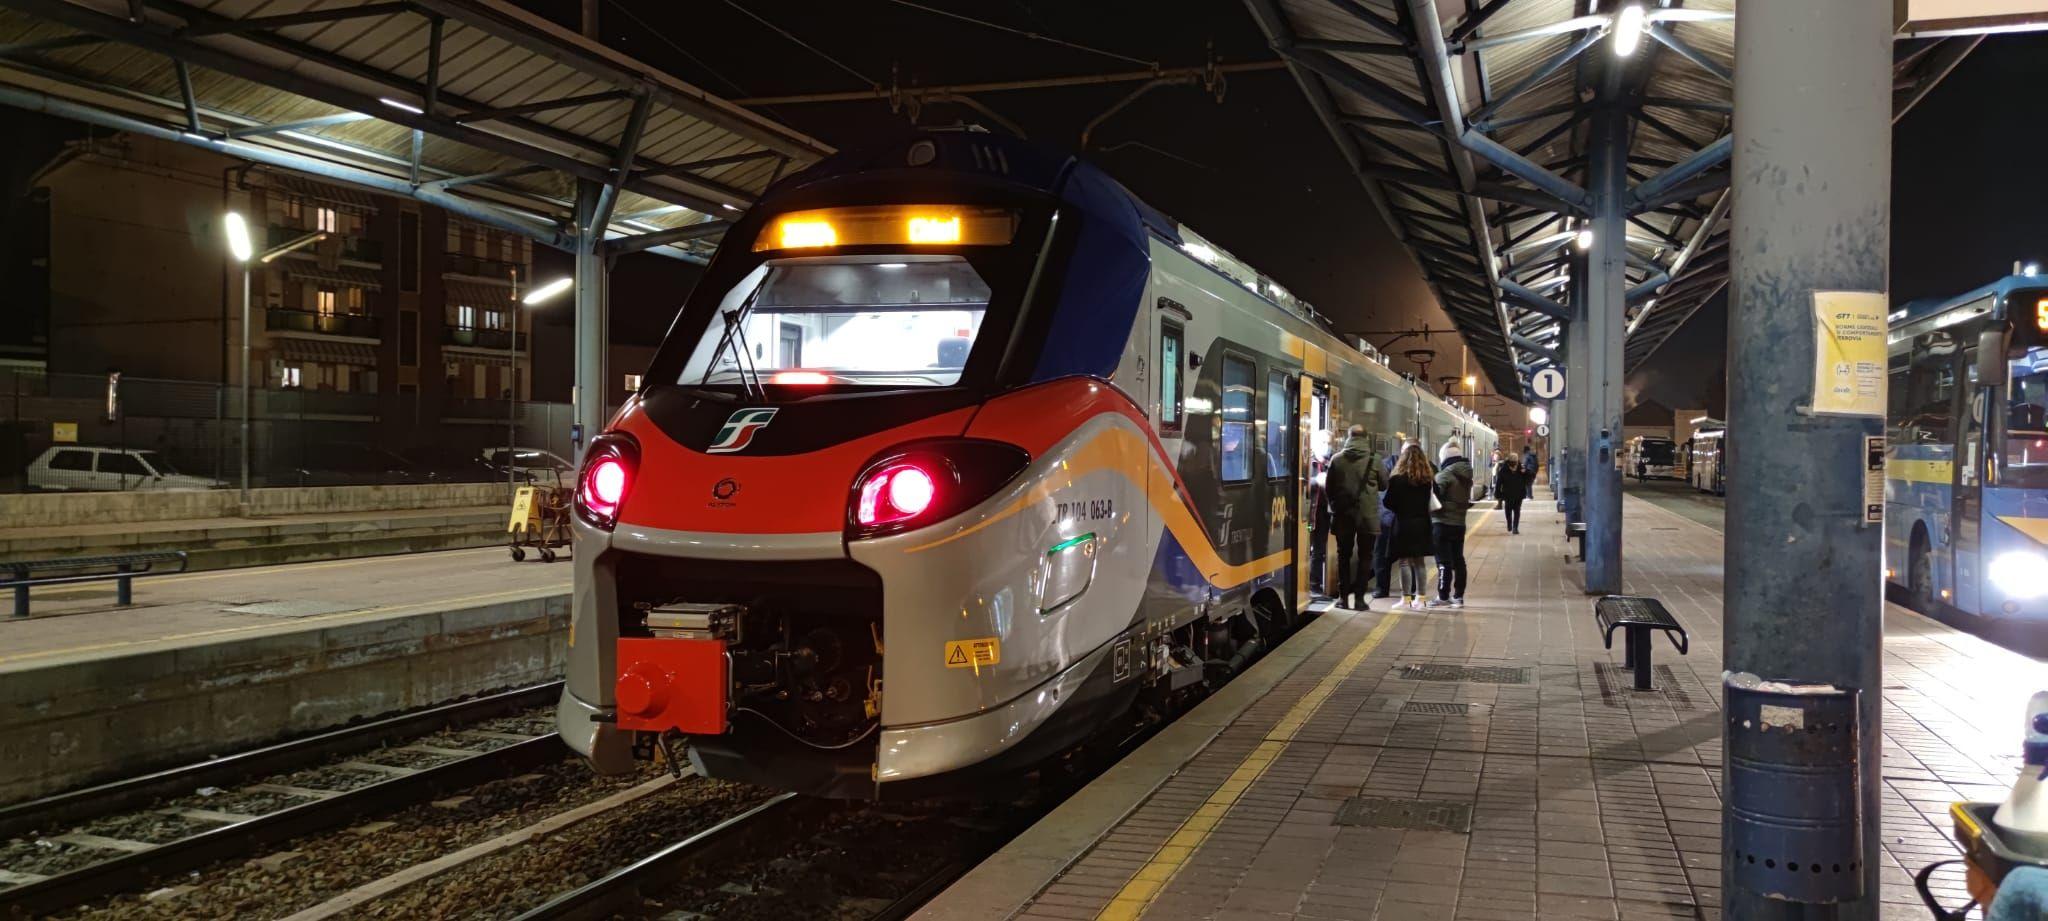 RIVAROLO CANAVESE - Blocco temporaneo della linea ferroviaria per lavori dal 1 al 7 agosto